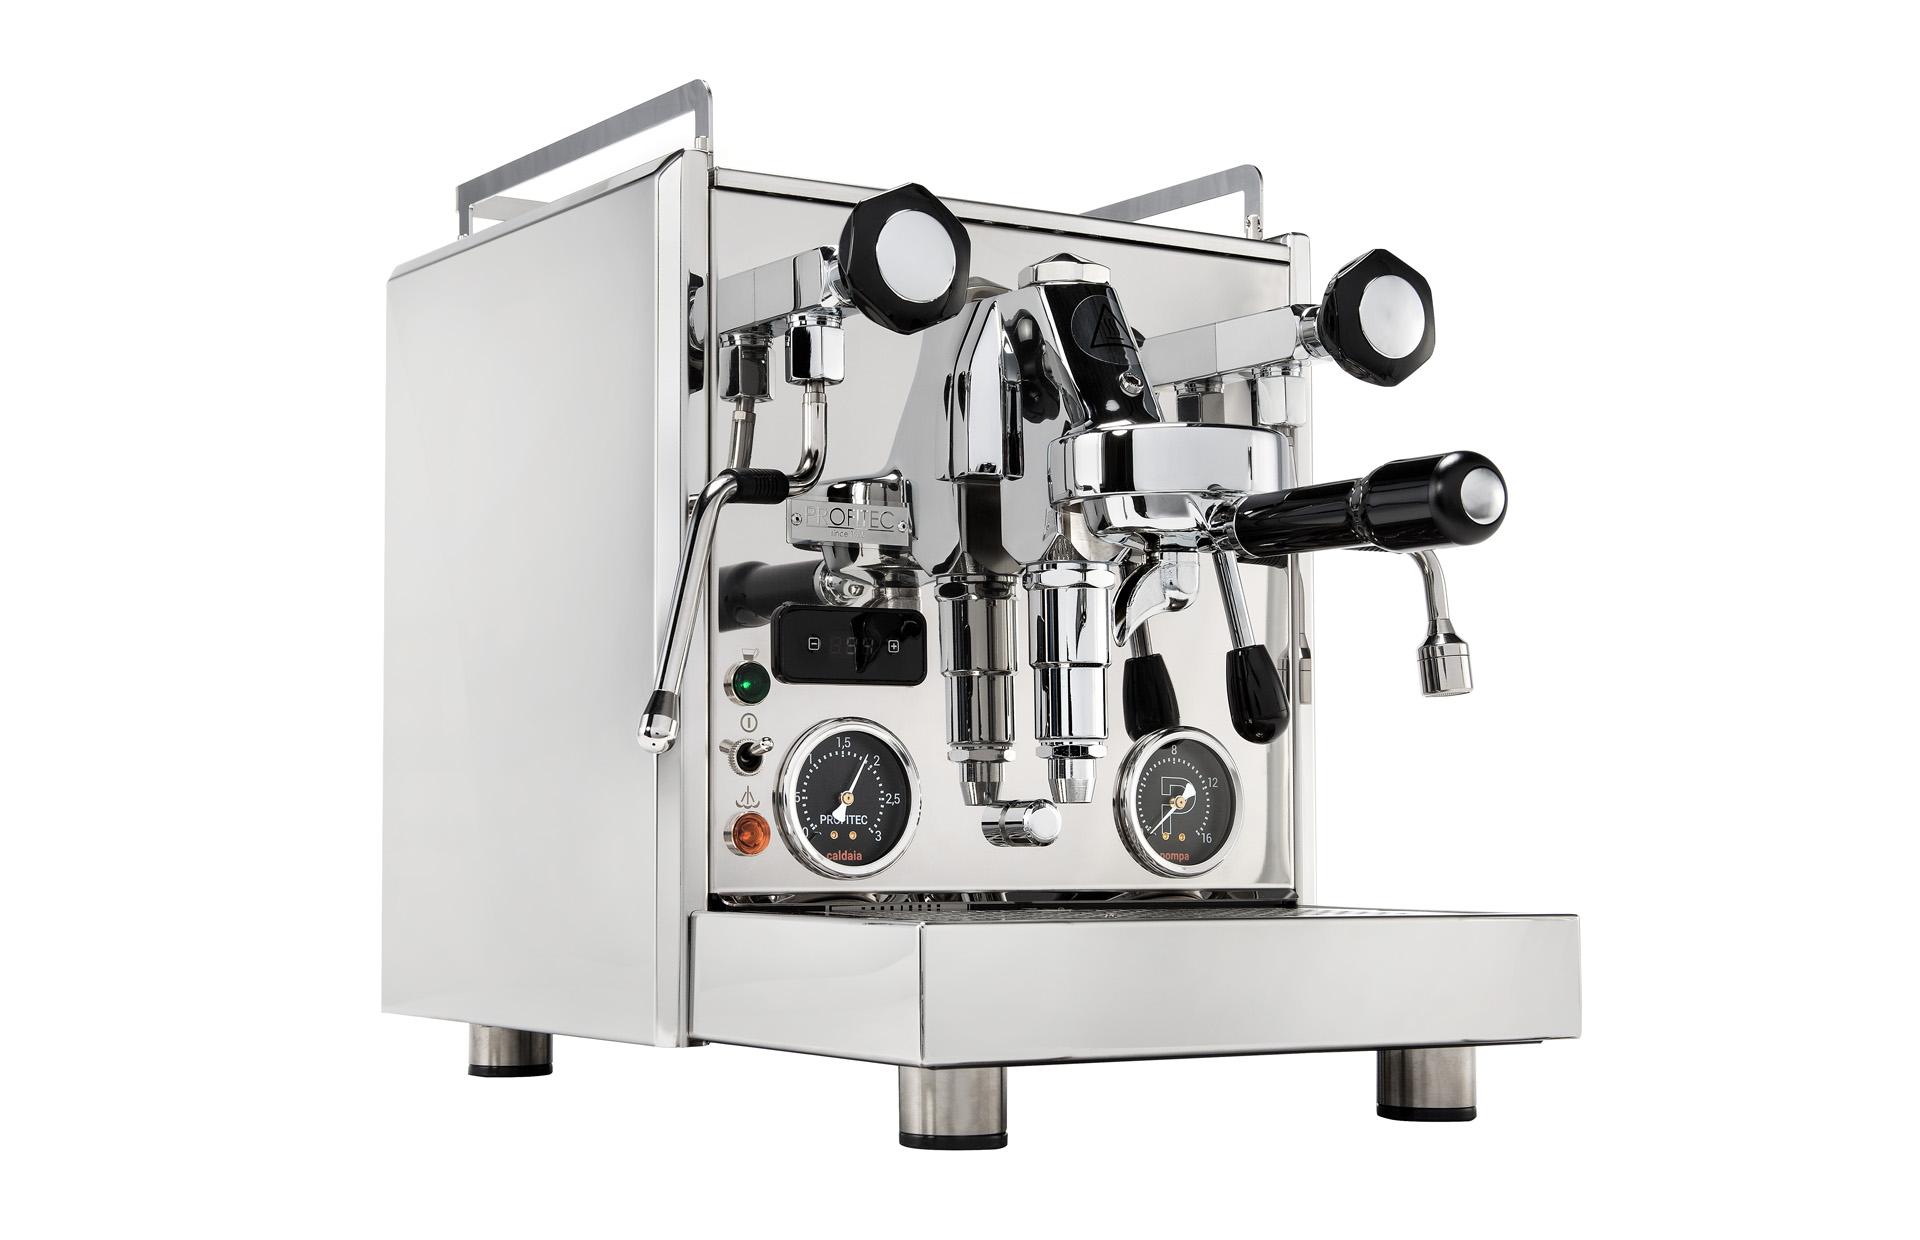 Profitec Pro 700 PID Dualboiler Espressomaschine